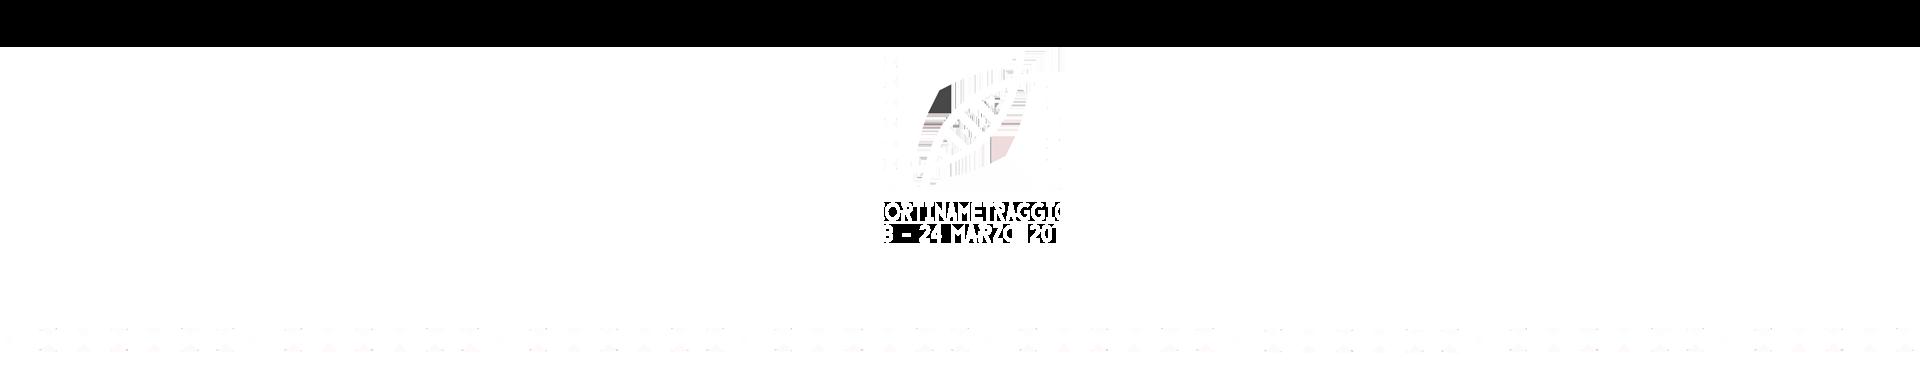 Cortinametraggio - festival di cortometraggi a cortina 18-24 marzo 2019